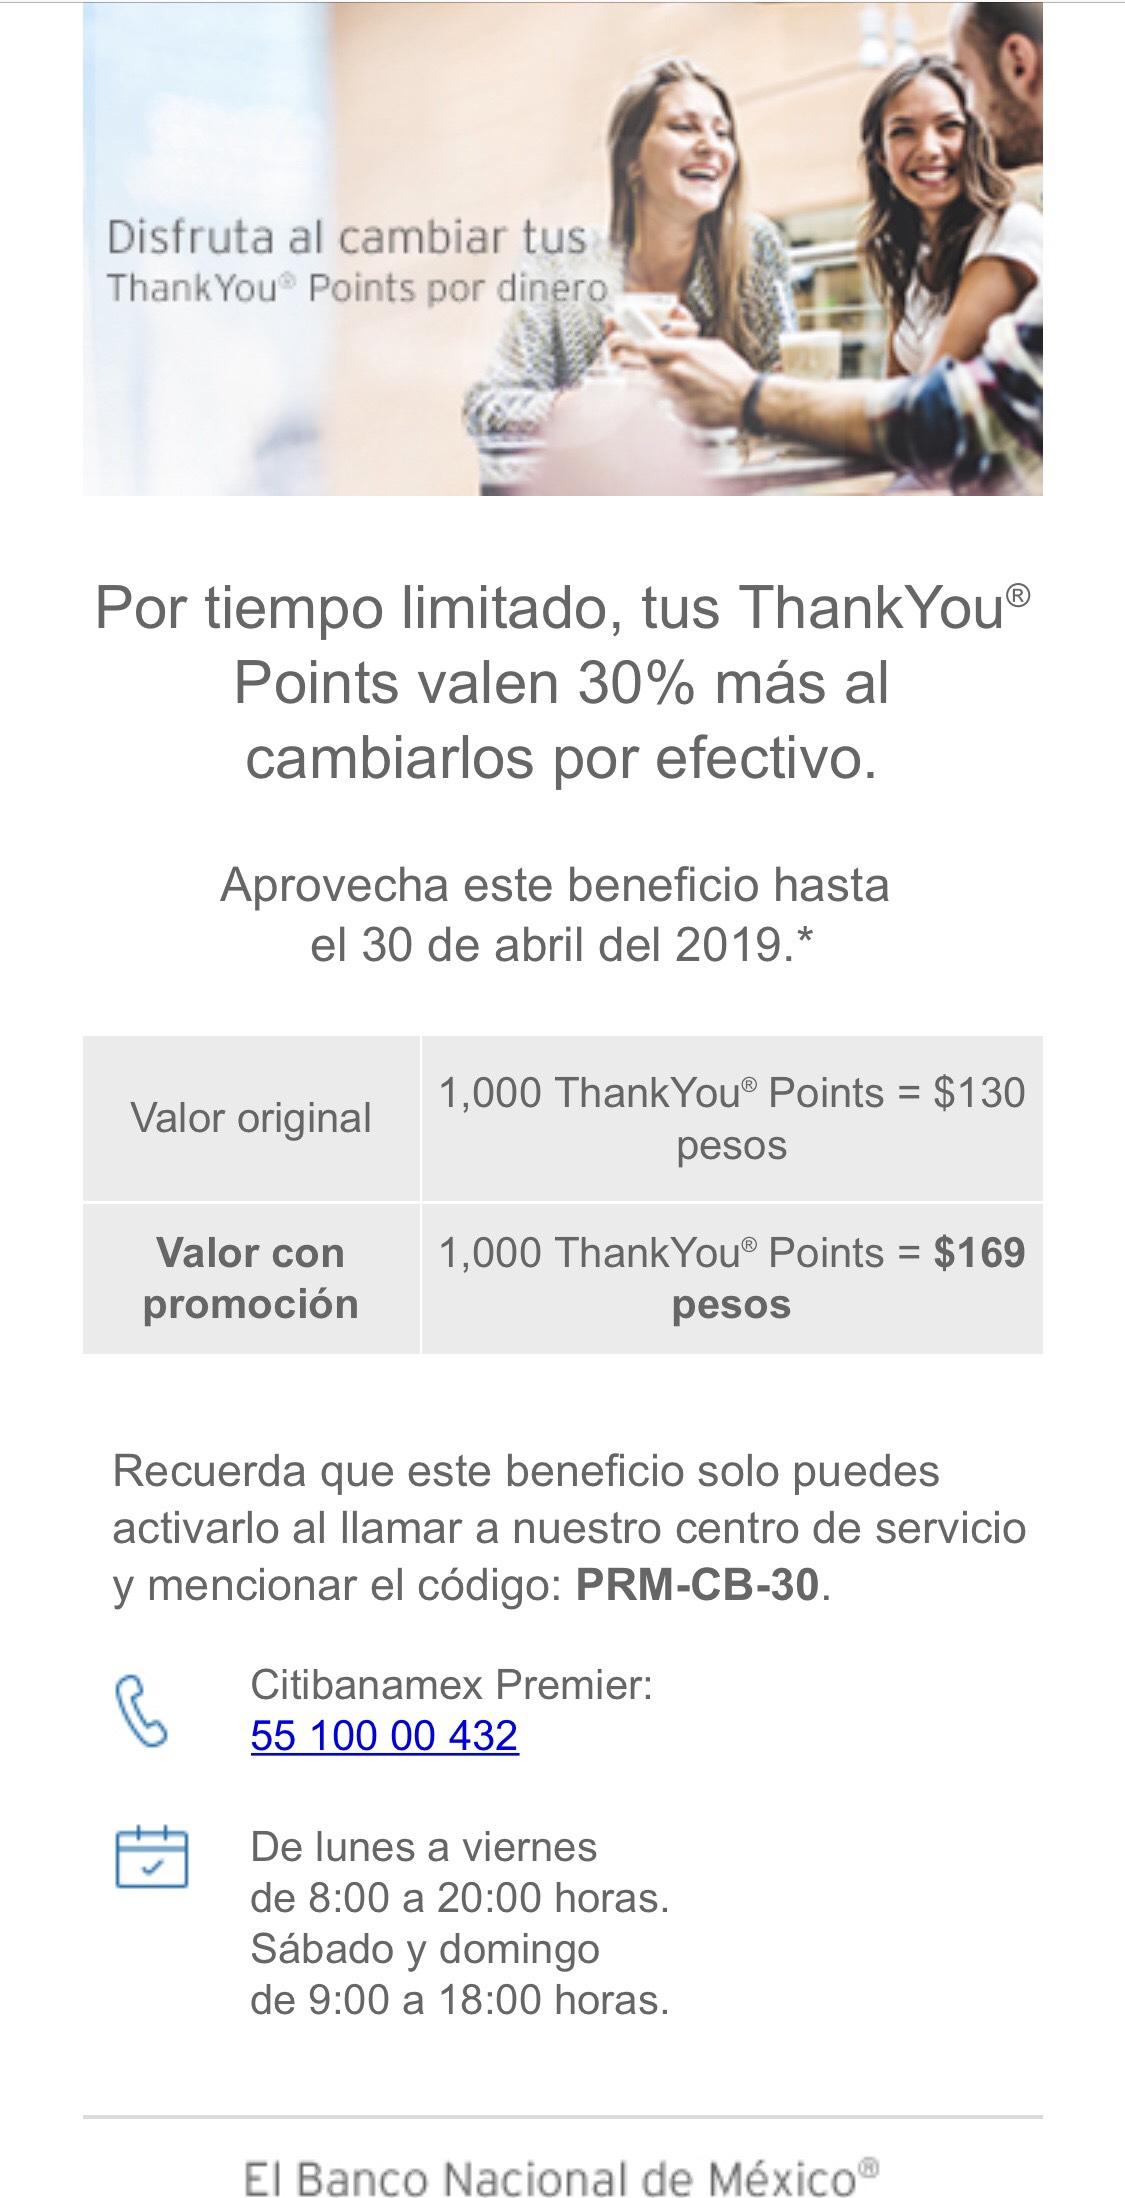 CitiBanamex: ThankYou® Points valen 30% más al cambiarlos por efectivo.